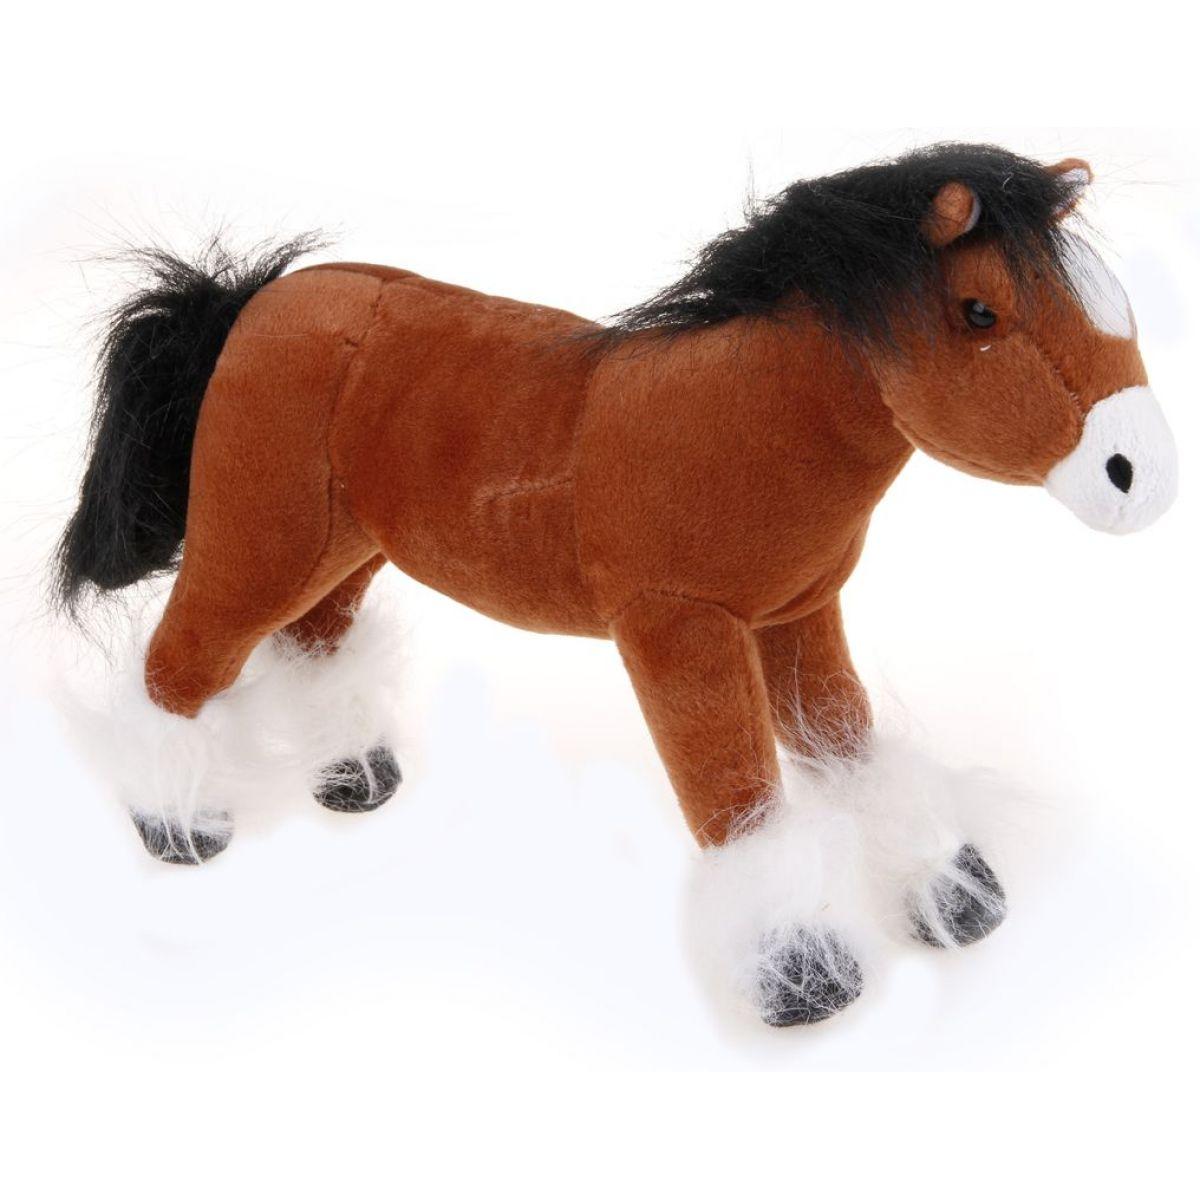 HM Studio Plyšový kůň světle hnědý 25cm